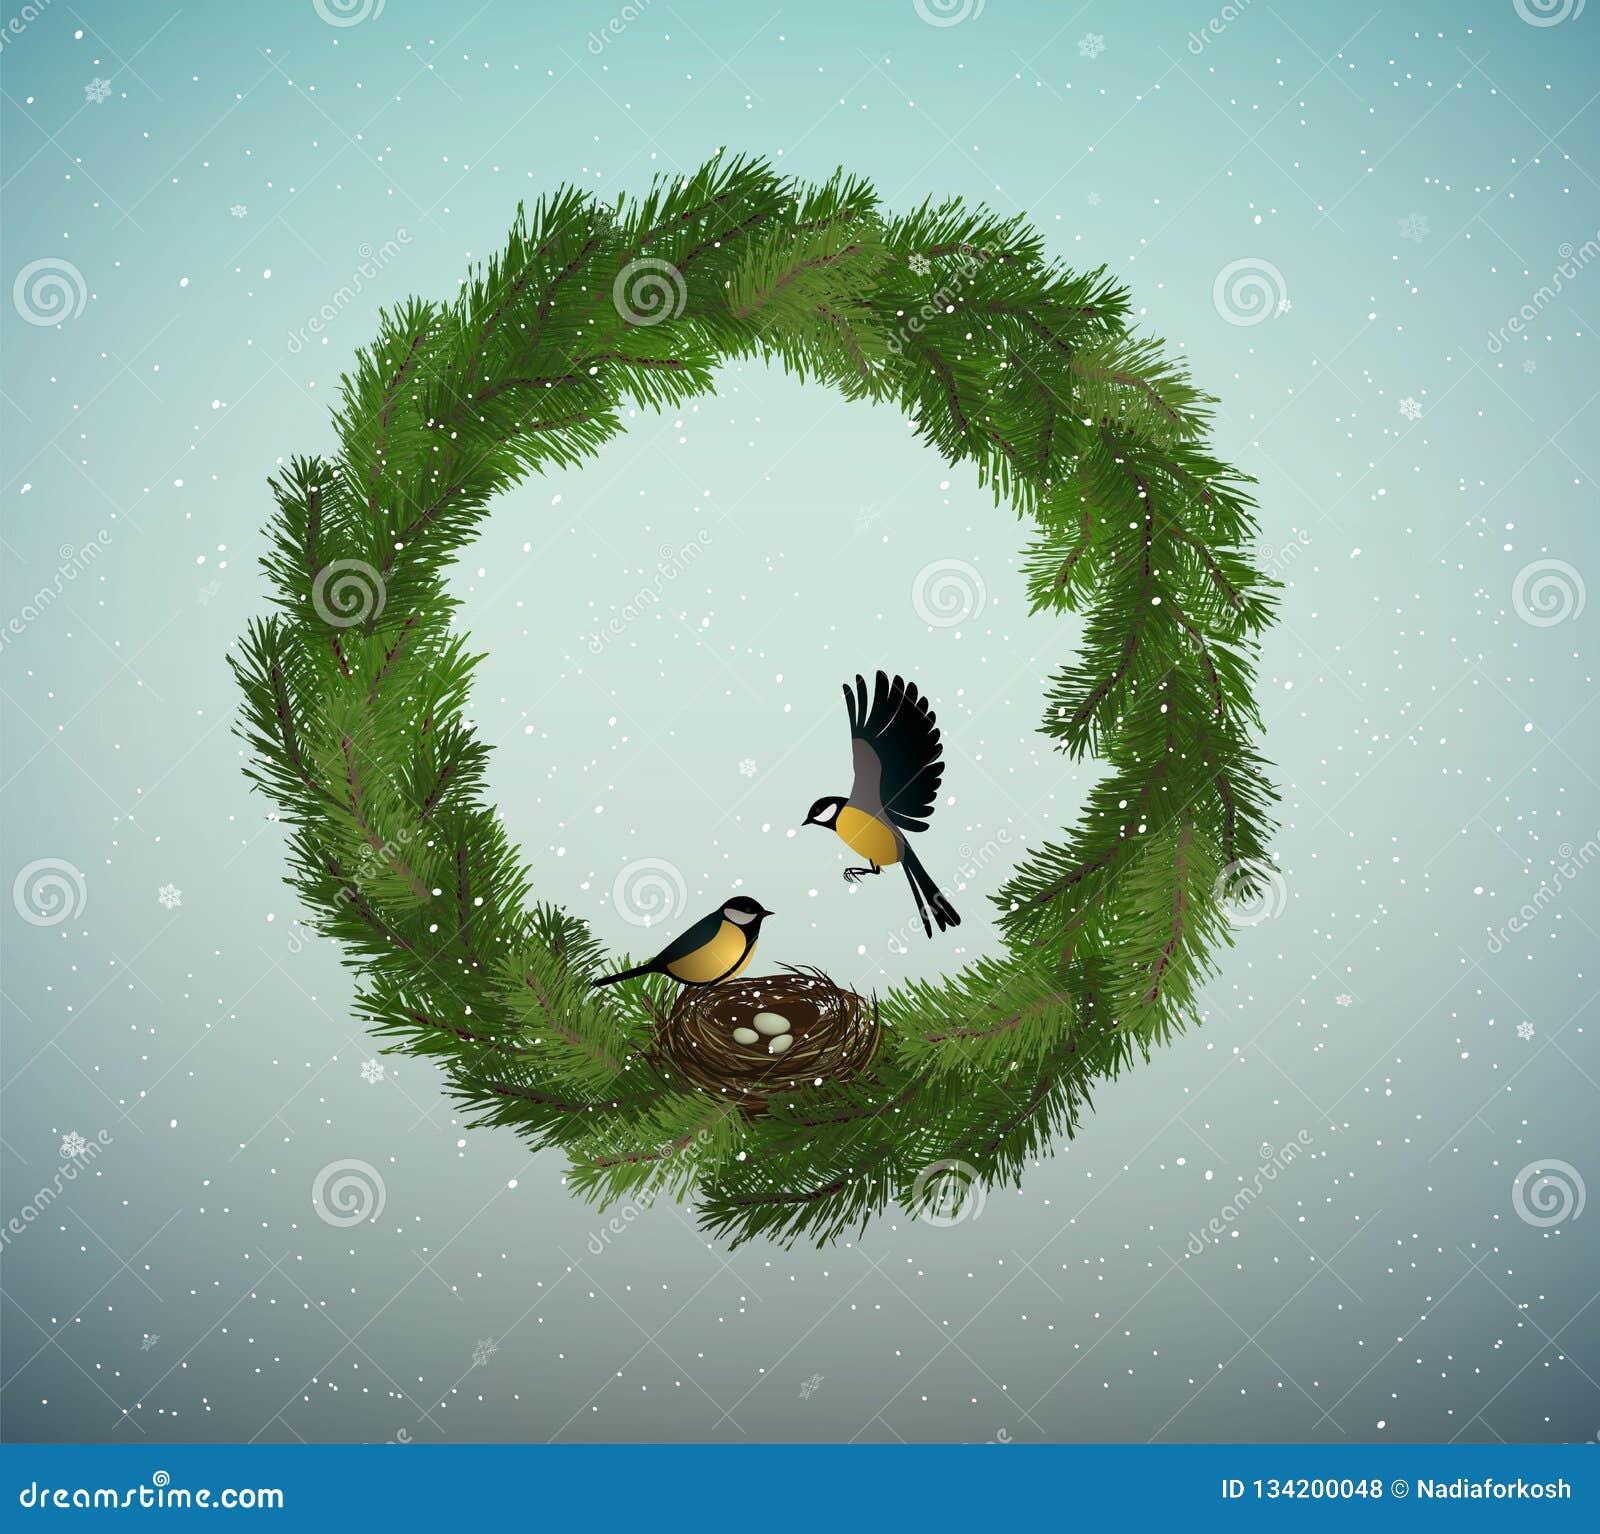 Eco-Grün-Feiertagsidee, Kranz von Weihnachtsbaumasten mit Nest und zwei Vögel nach innen, süßes Haus, schützen den Wald